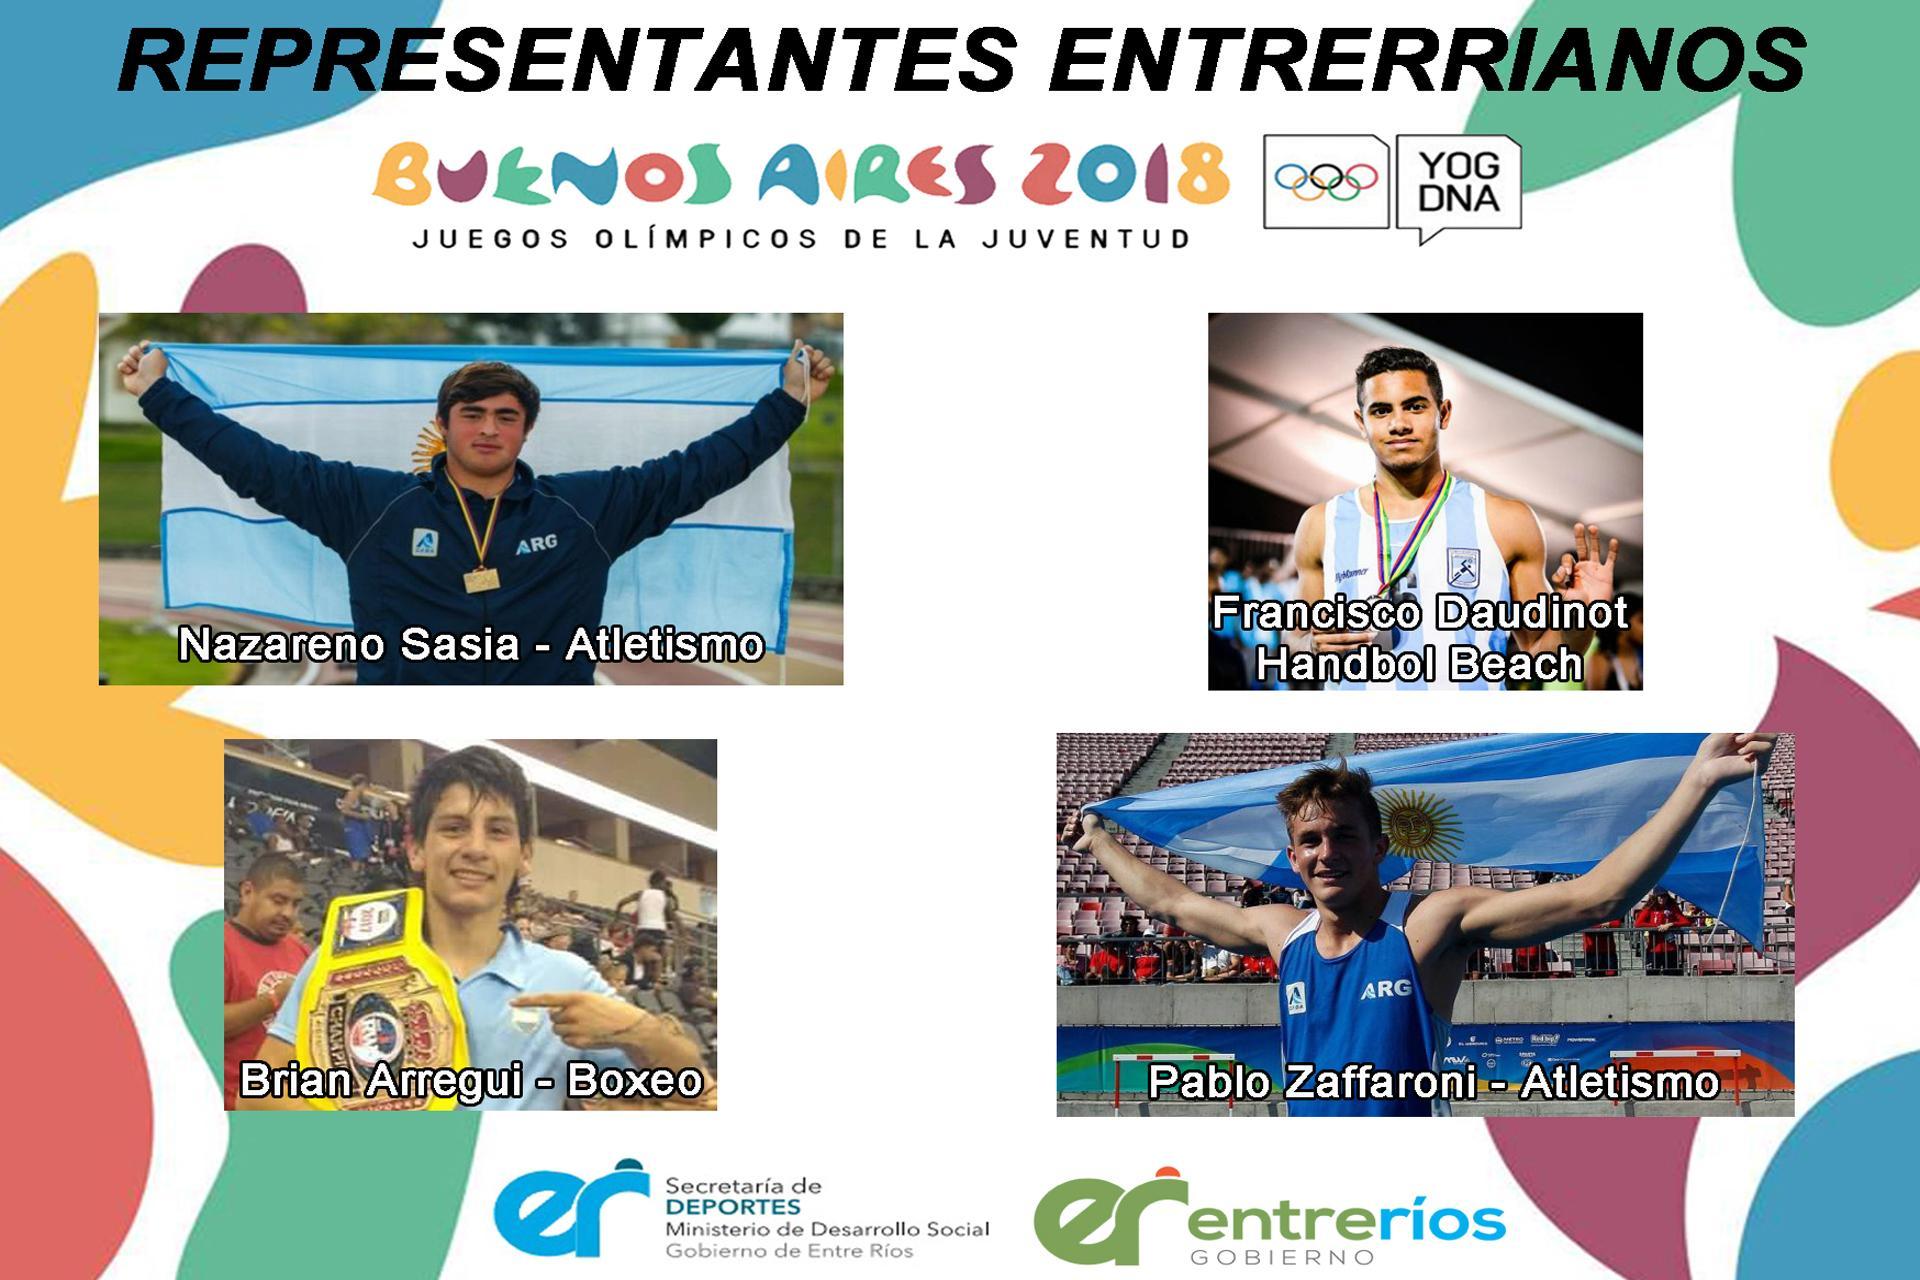 Cuatro Entrerrianos Compiten En Los Juegos Olimpicos De La Juventud